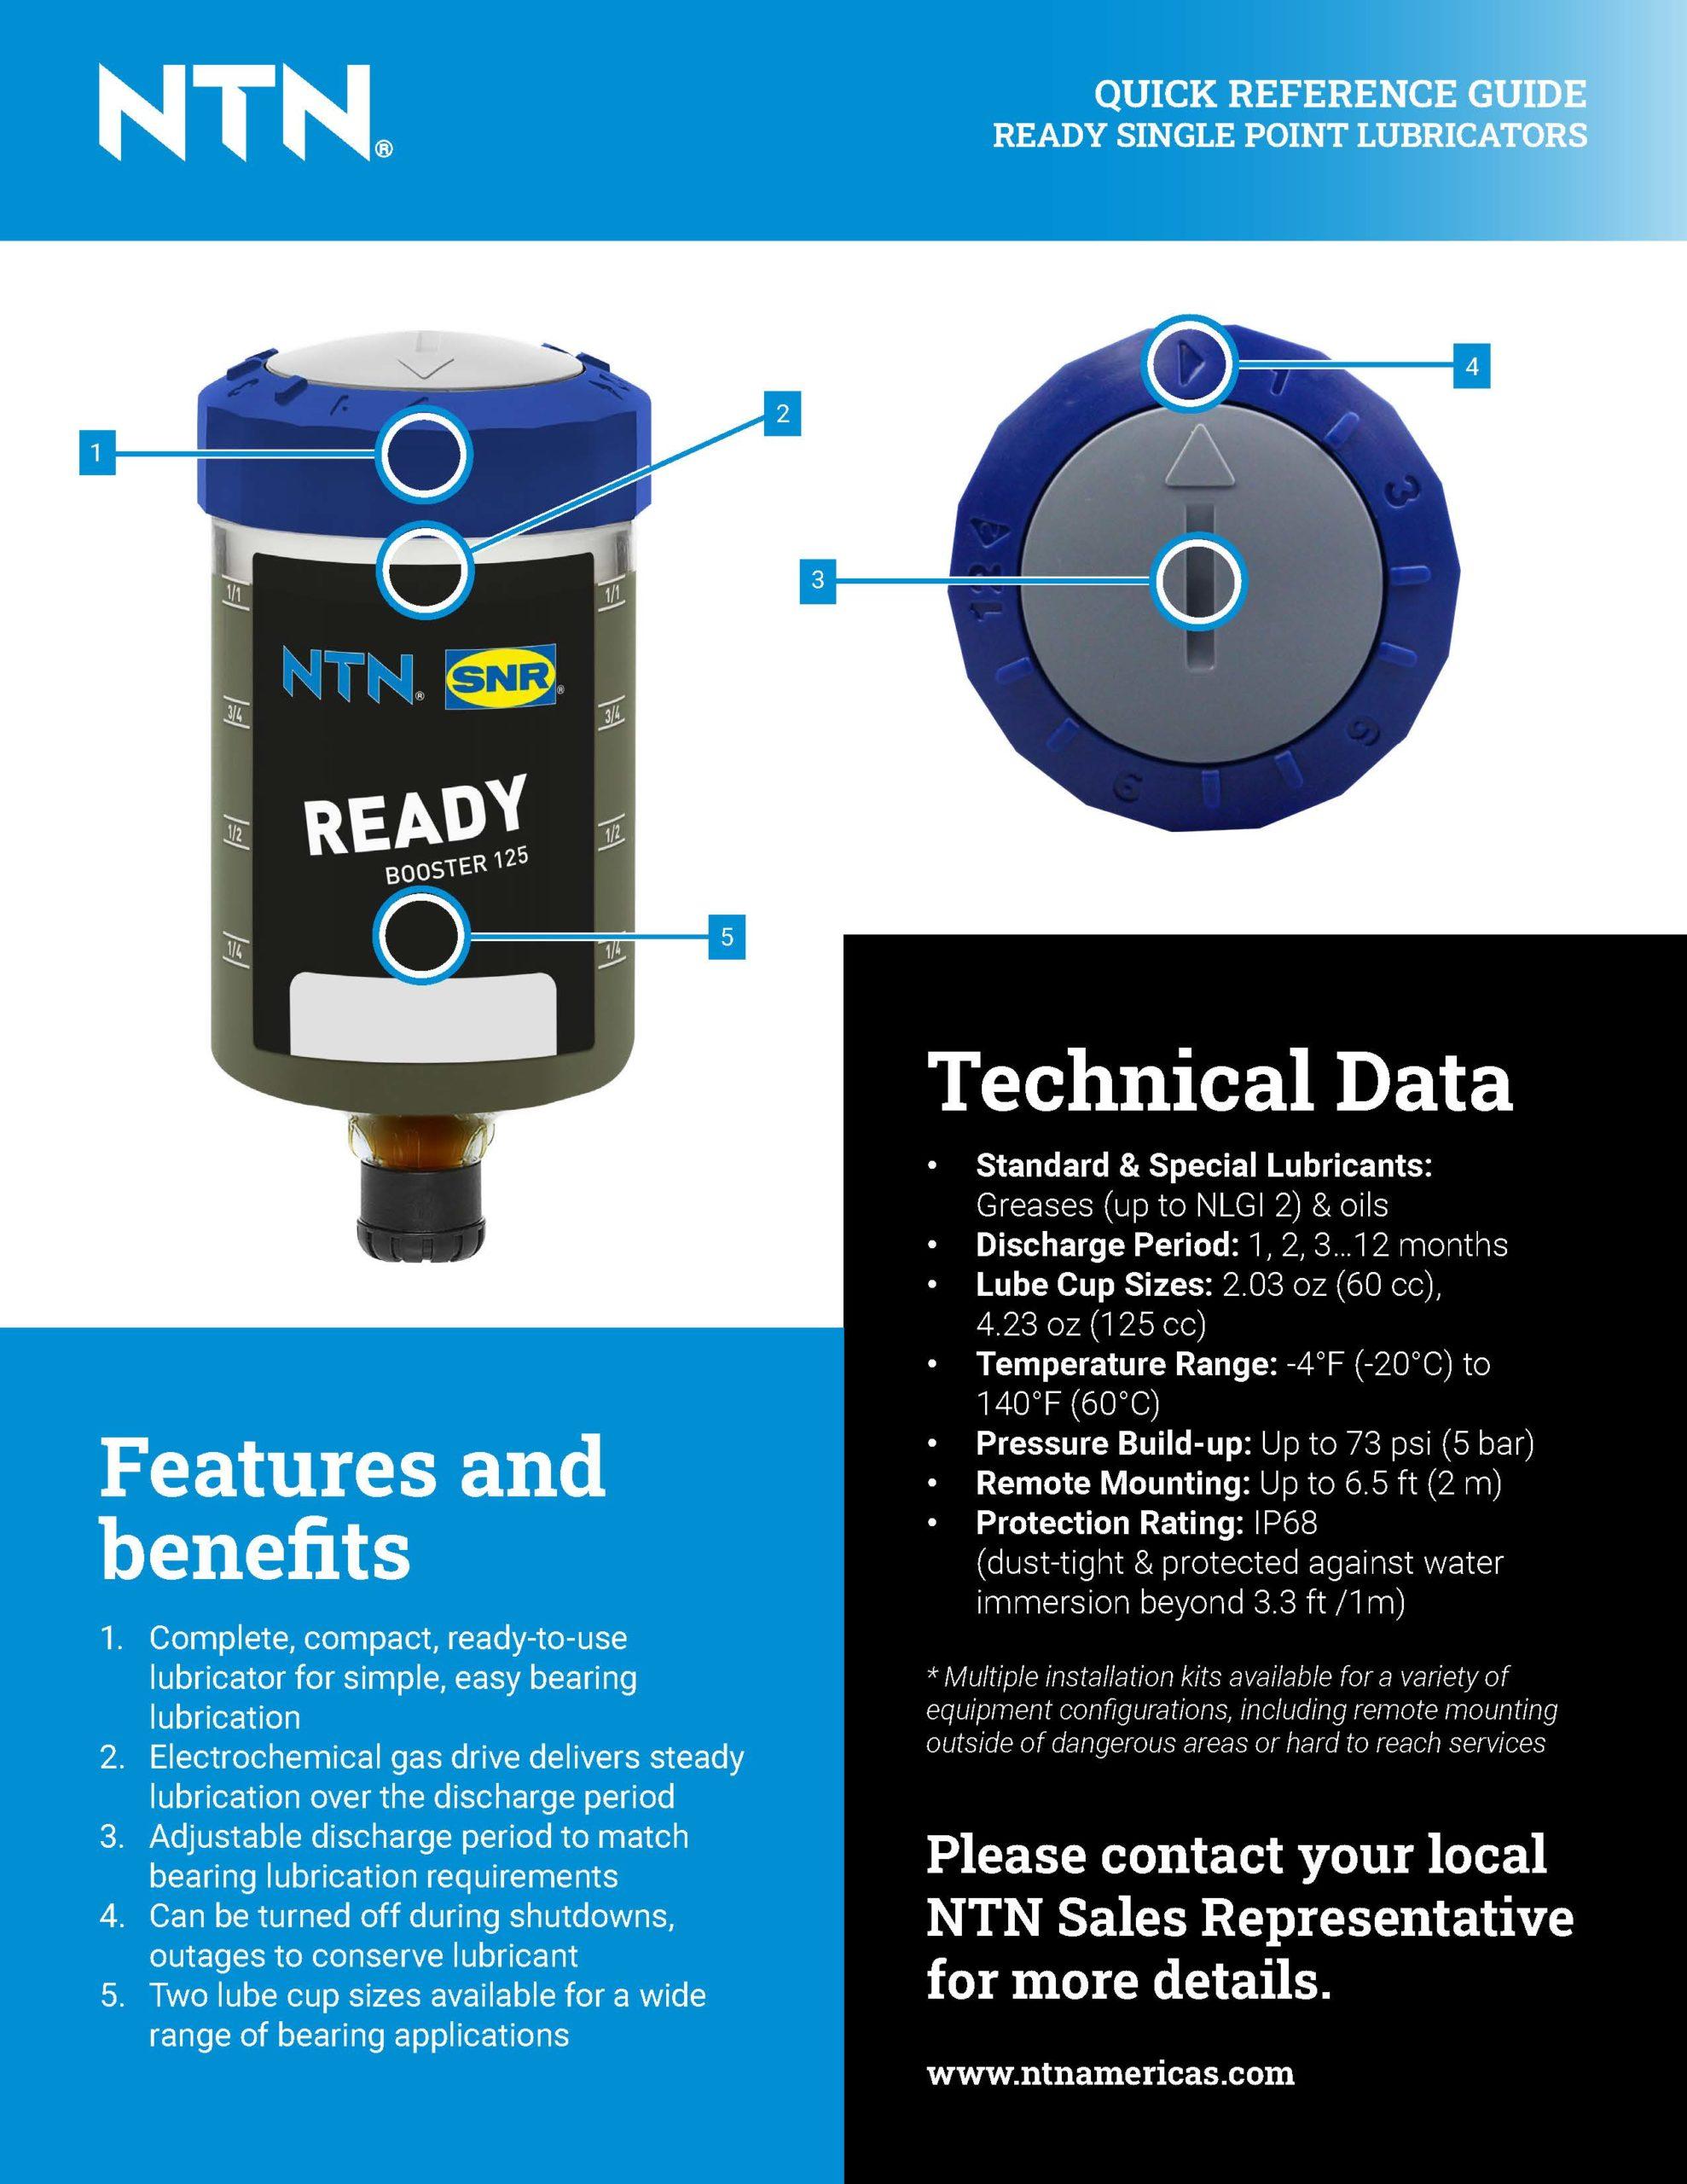 NTN Ready Single Point Lubricators